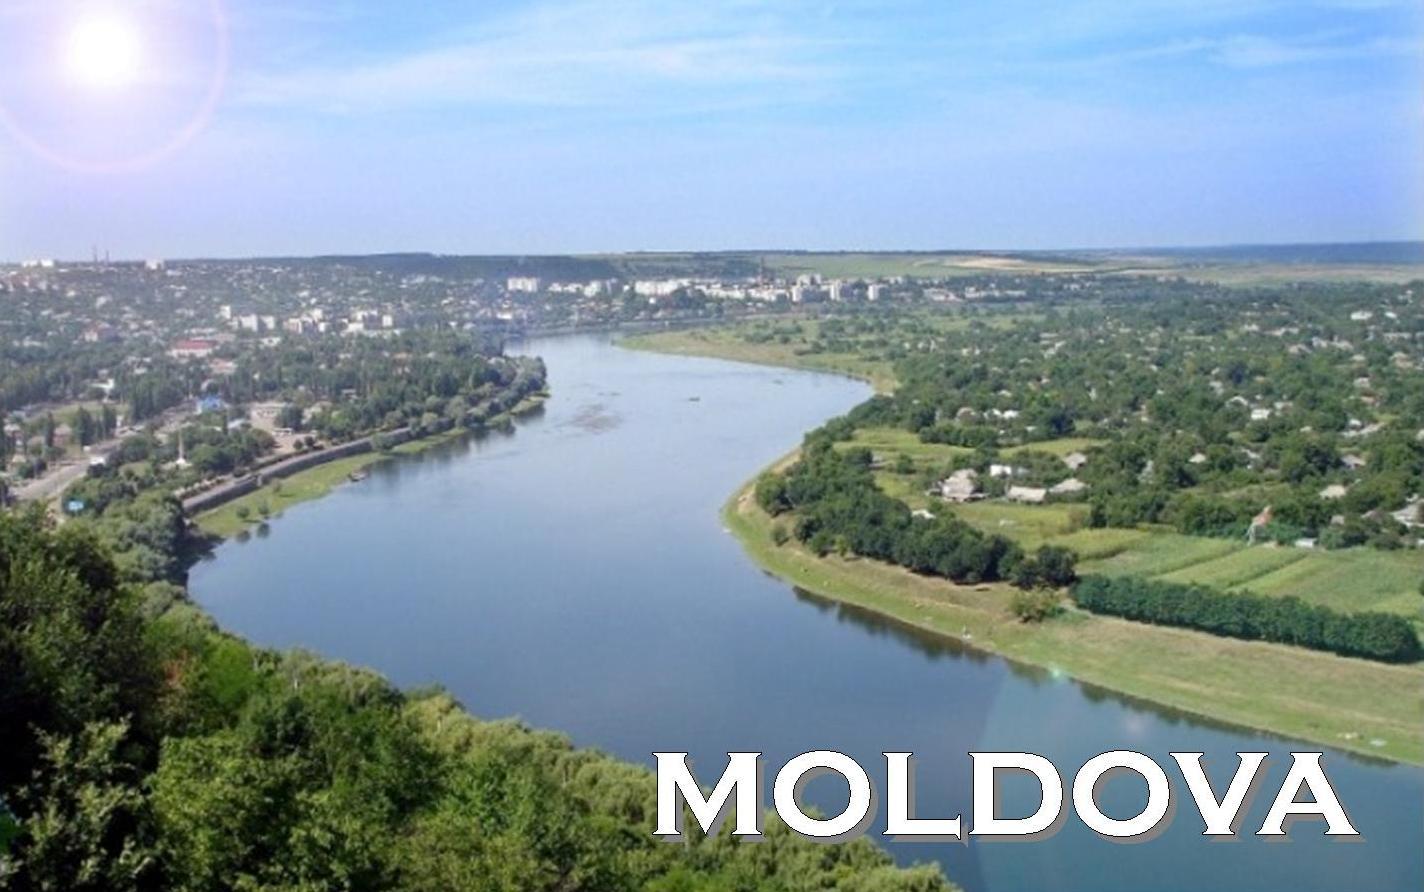 moldova_pic_01